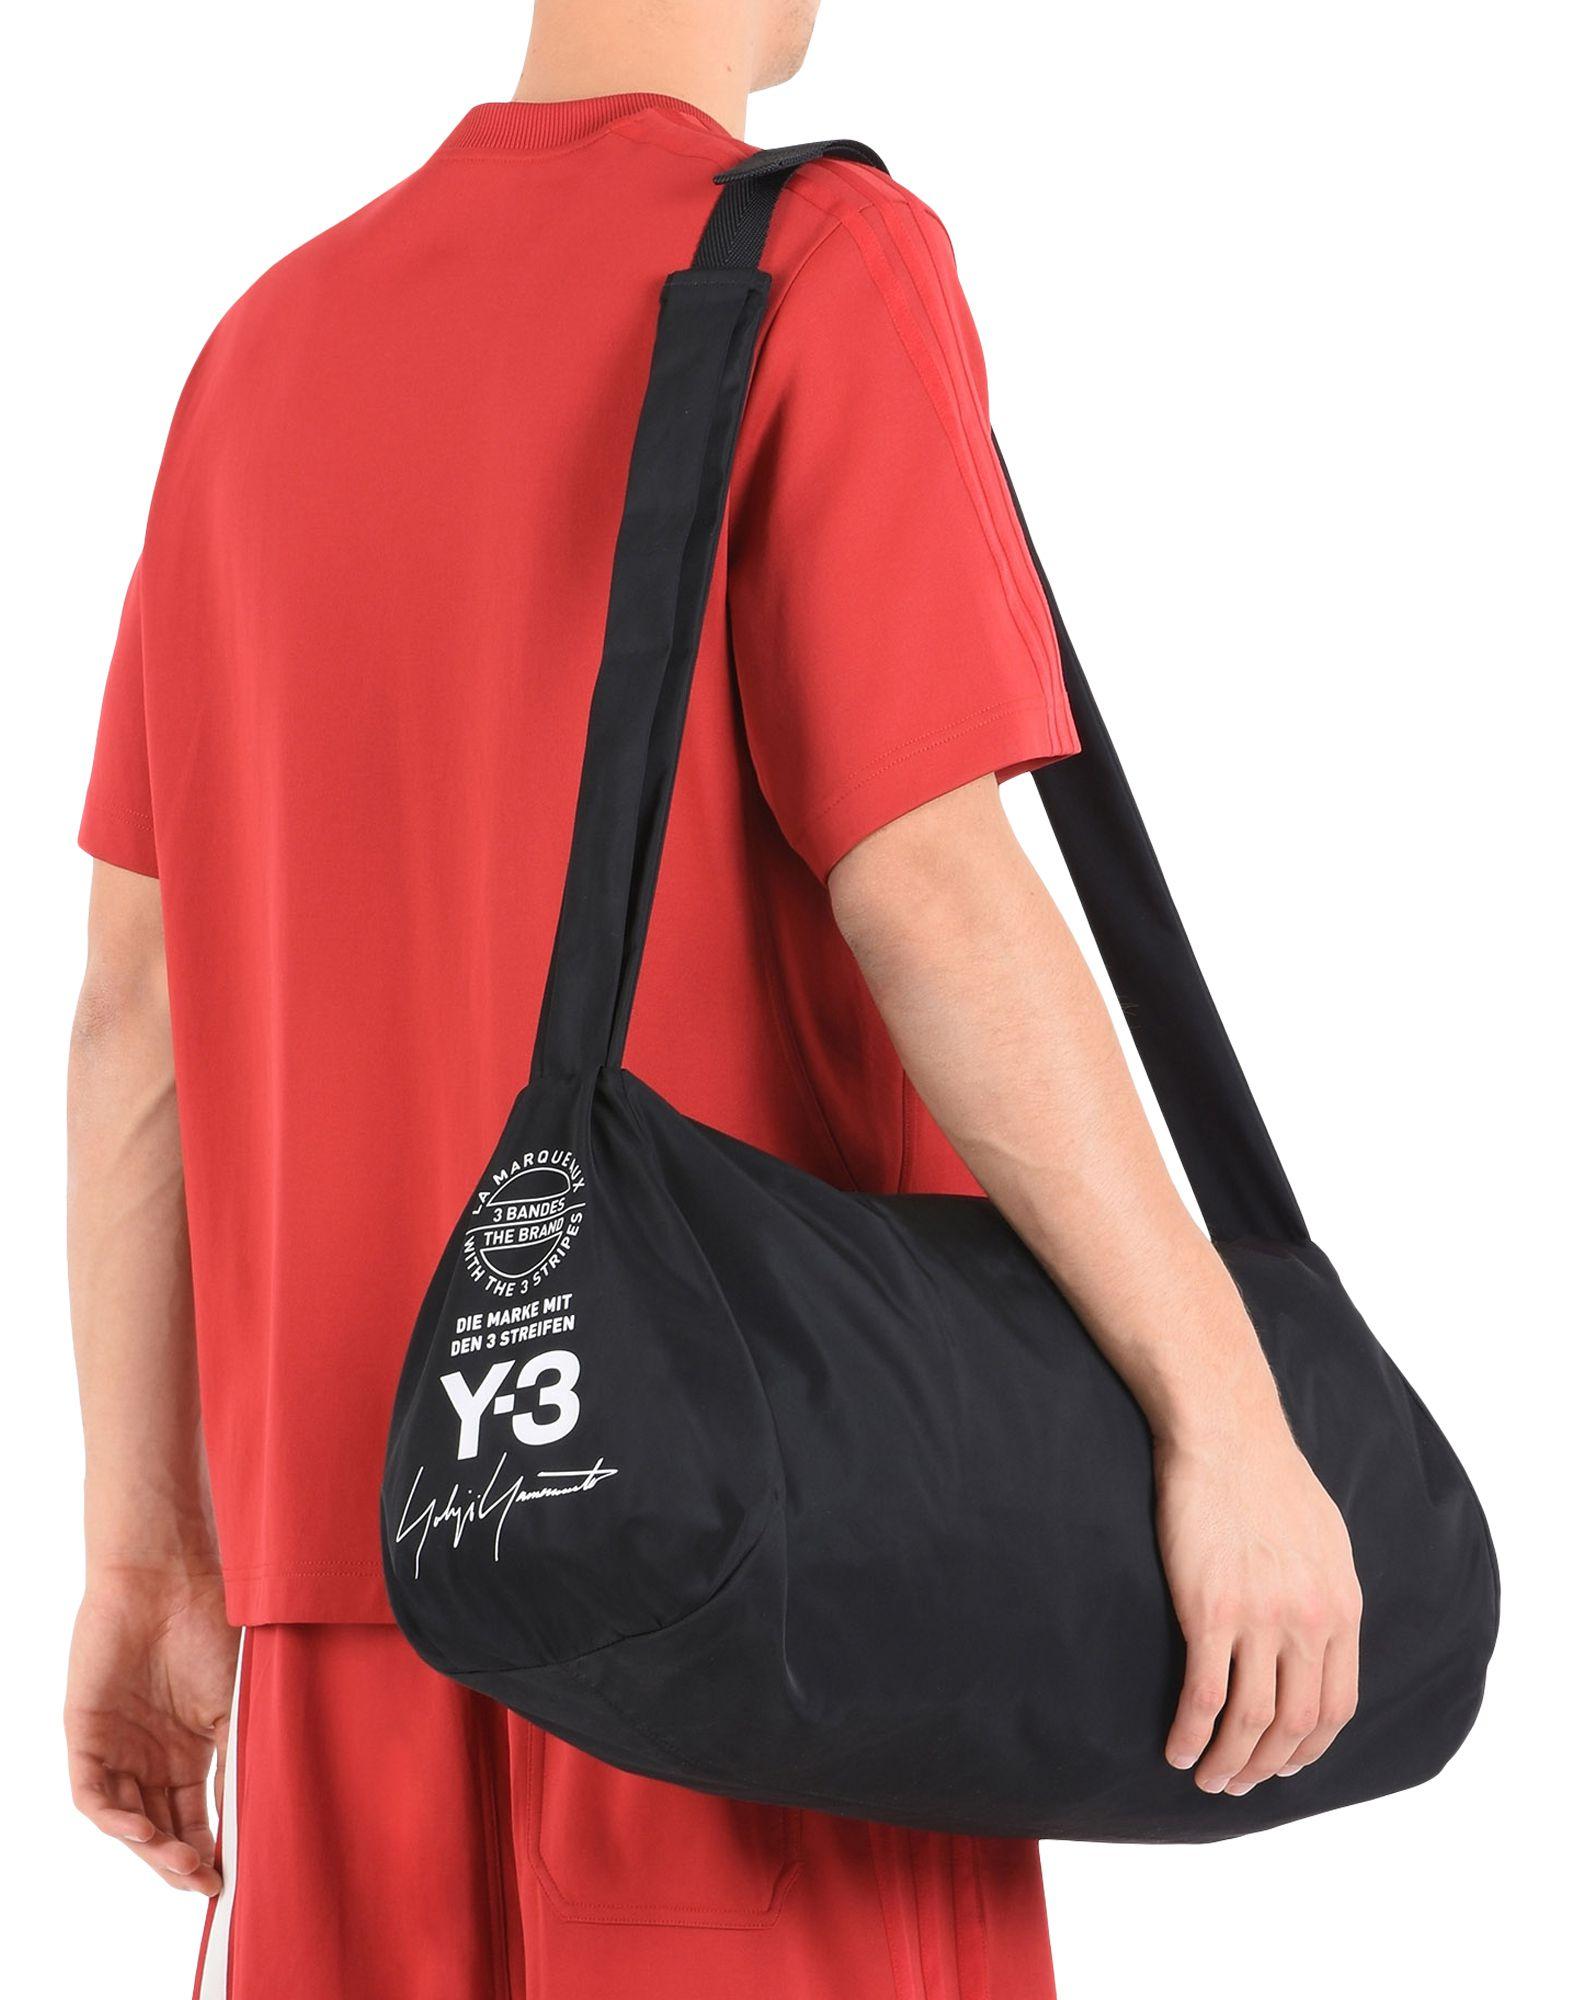 ... Y-3 Y-3 YOHJI GYM BAG Gym bag E r ... 93921e2d6